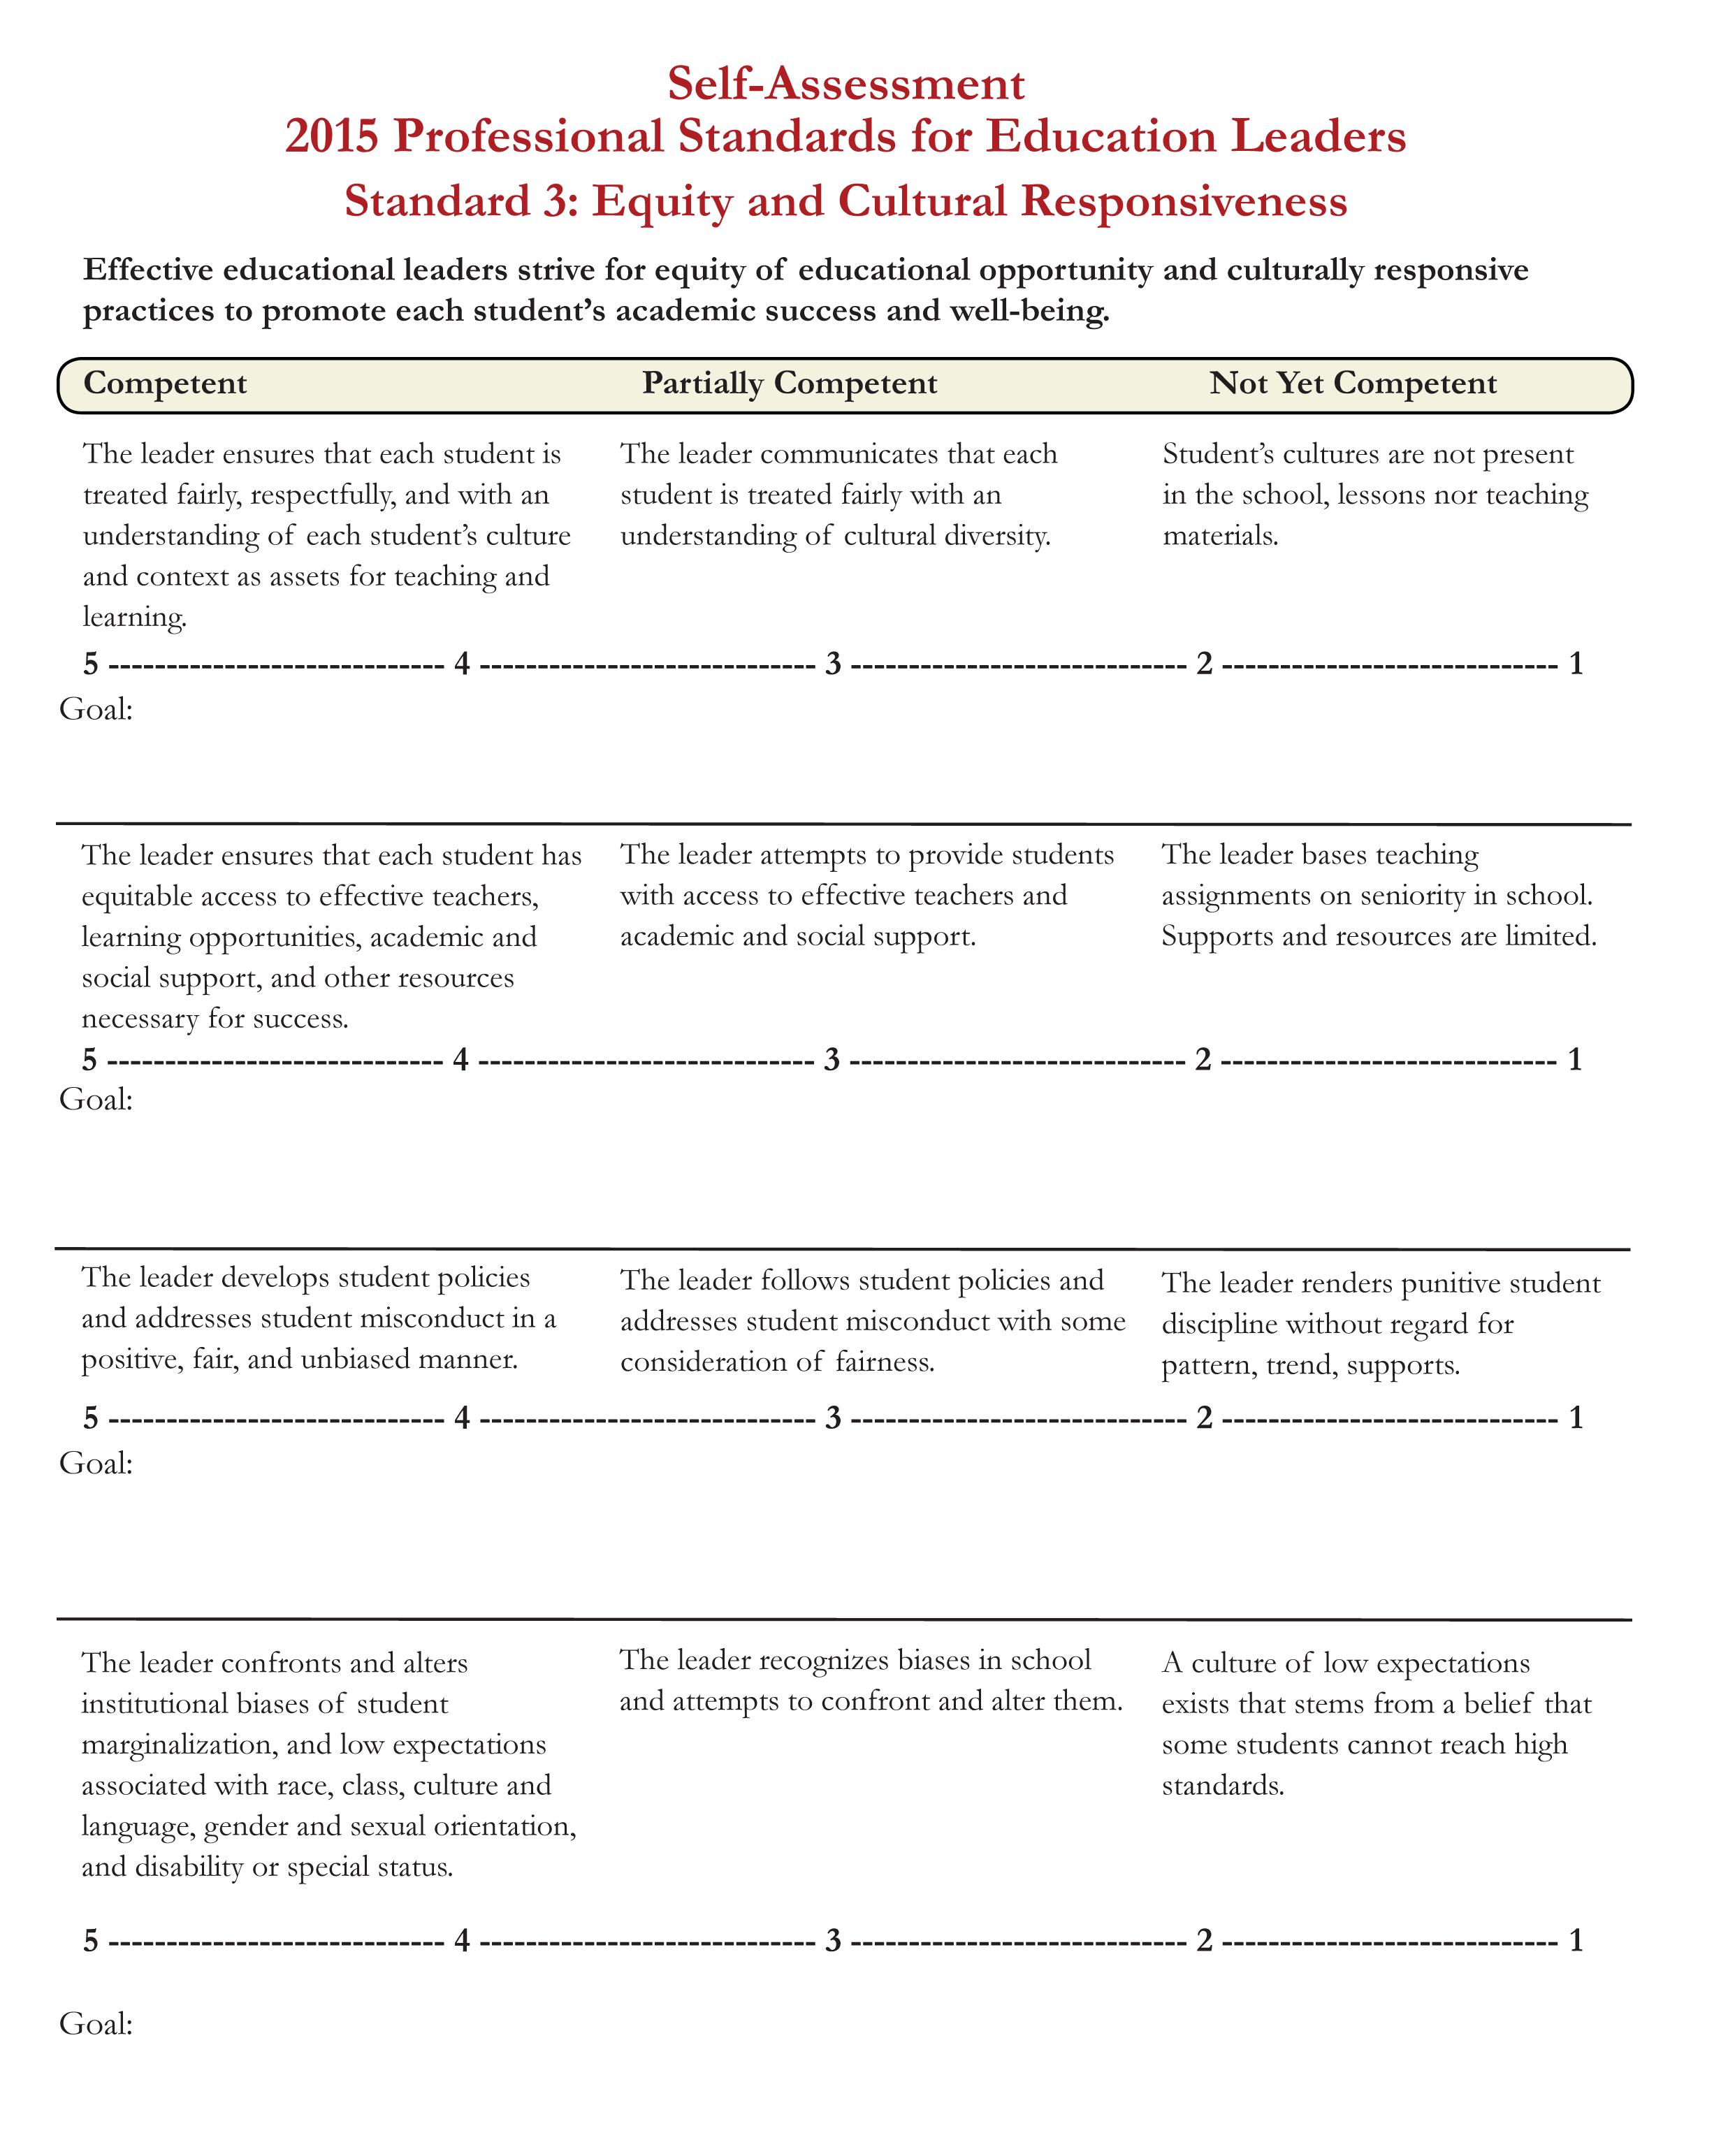 Self-Assessment Standard 3